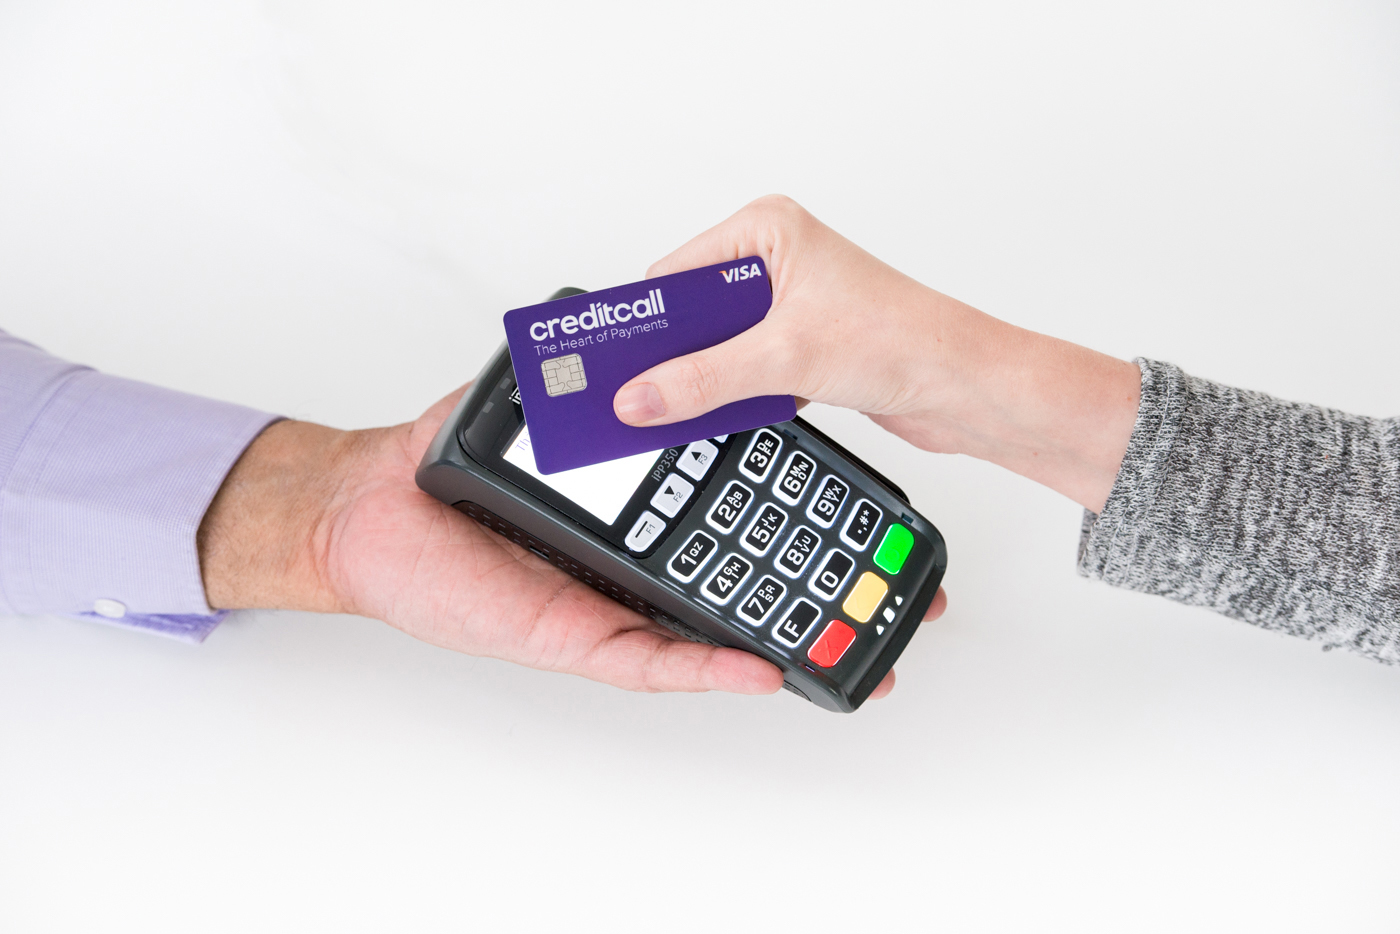 CreditCall-636